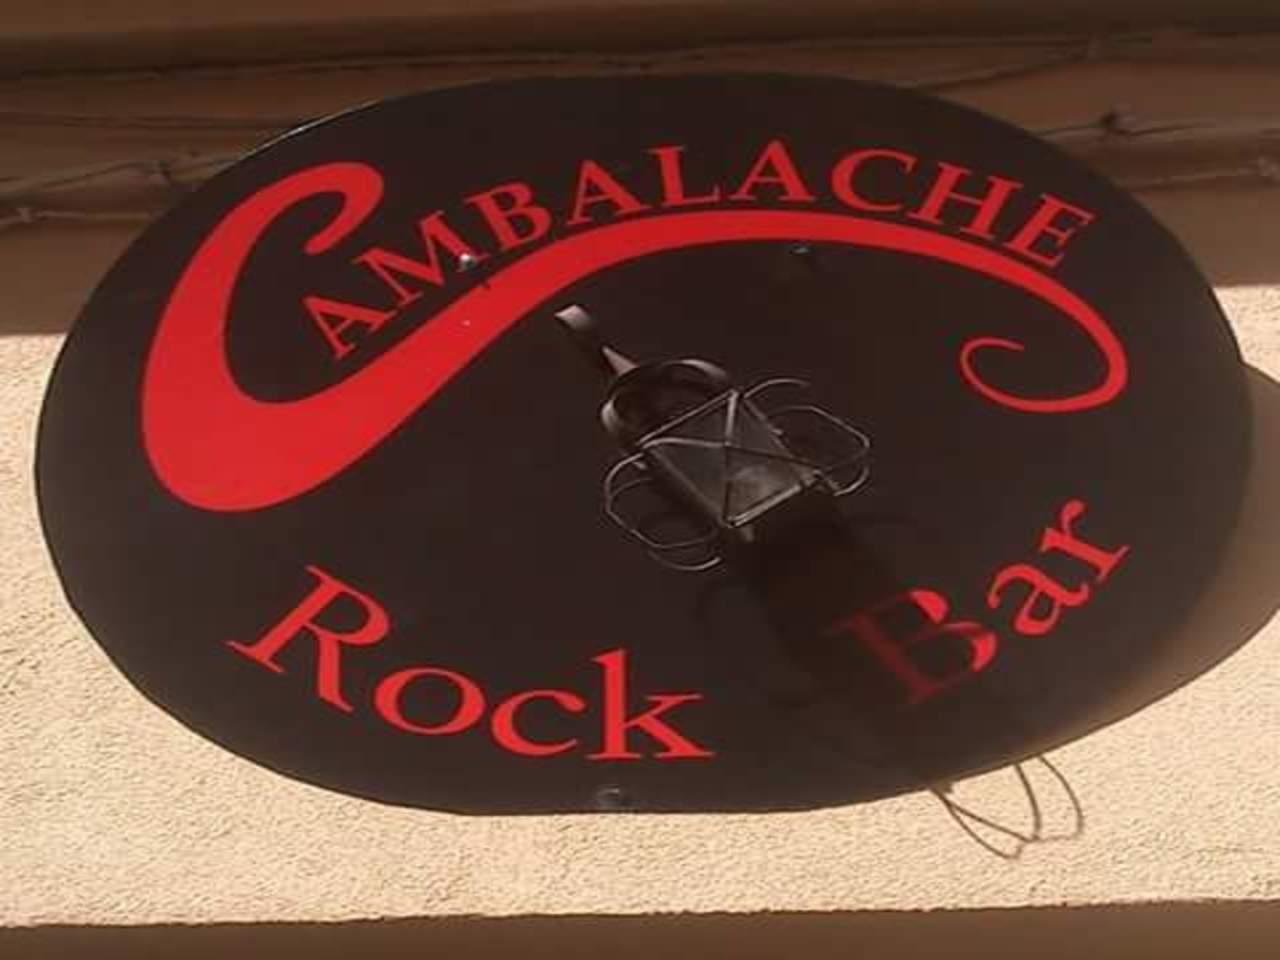 CAMBALACHE ROCK BAR, BAR MOTERO EN CÁCERES, ROCK BAR EN CÁCERES, BAR DE COPAS EN CÁCERES,